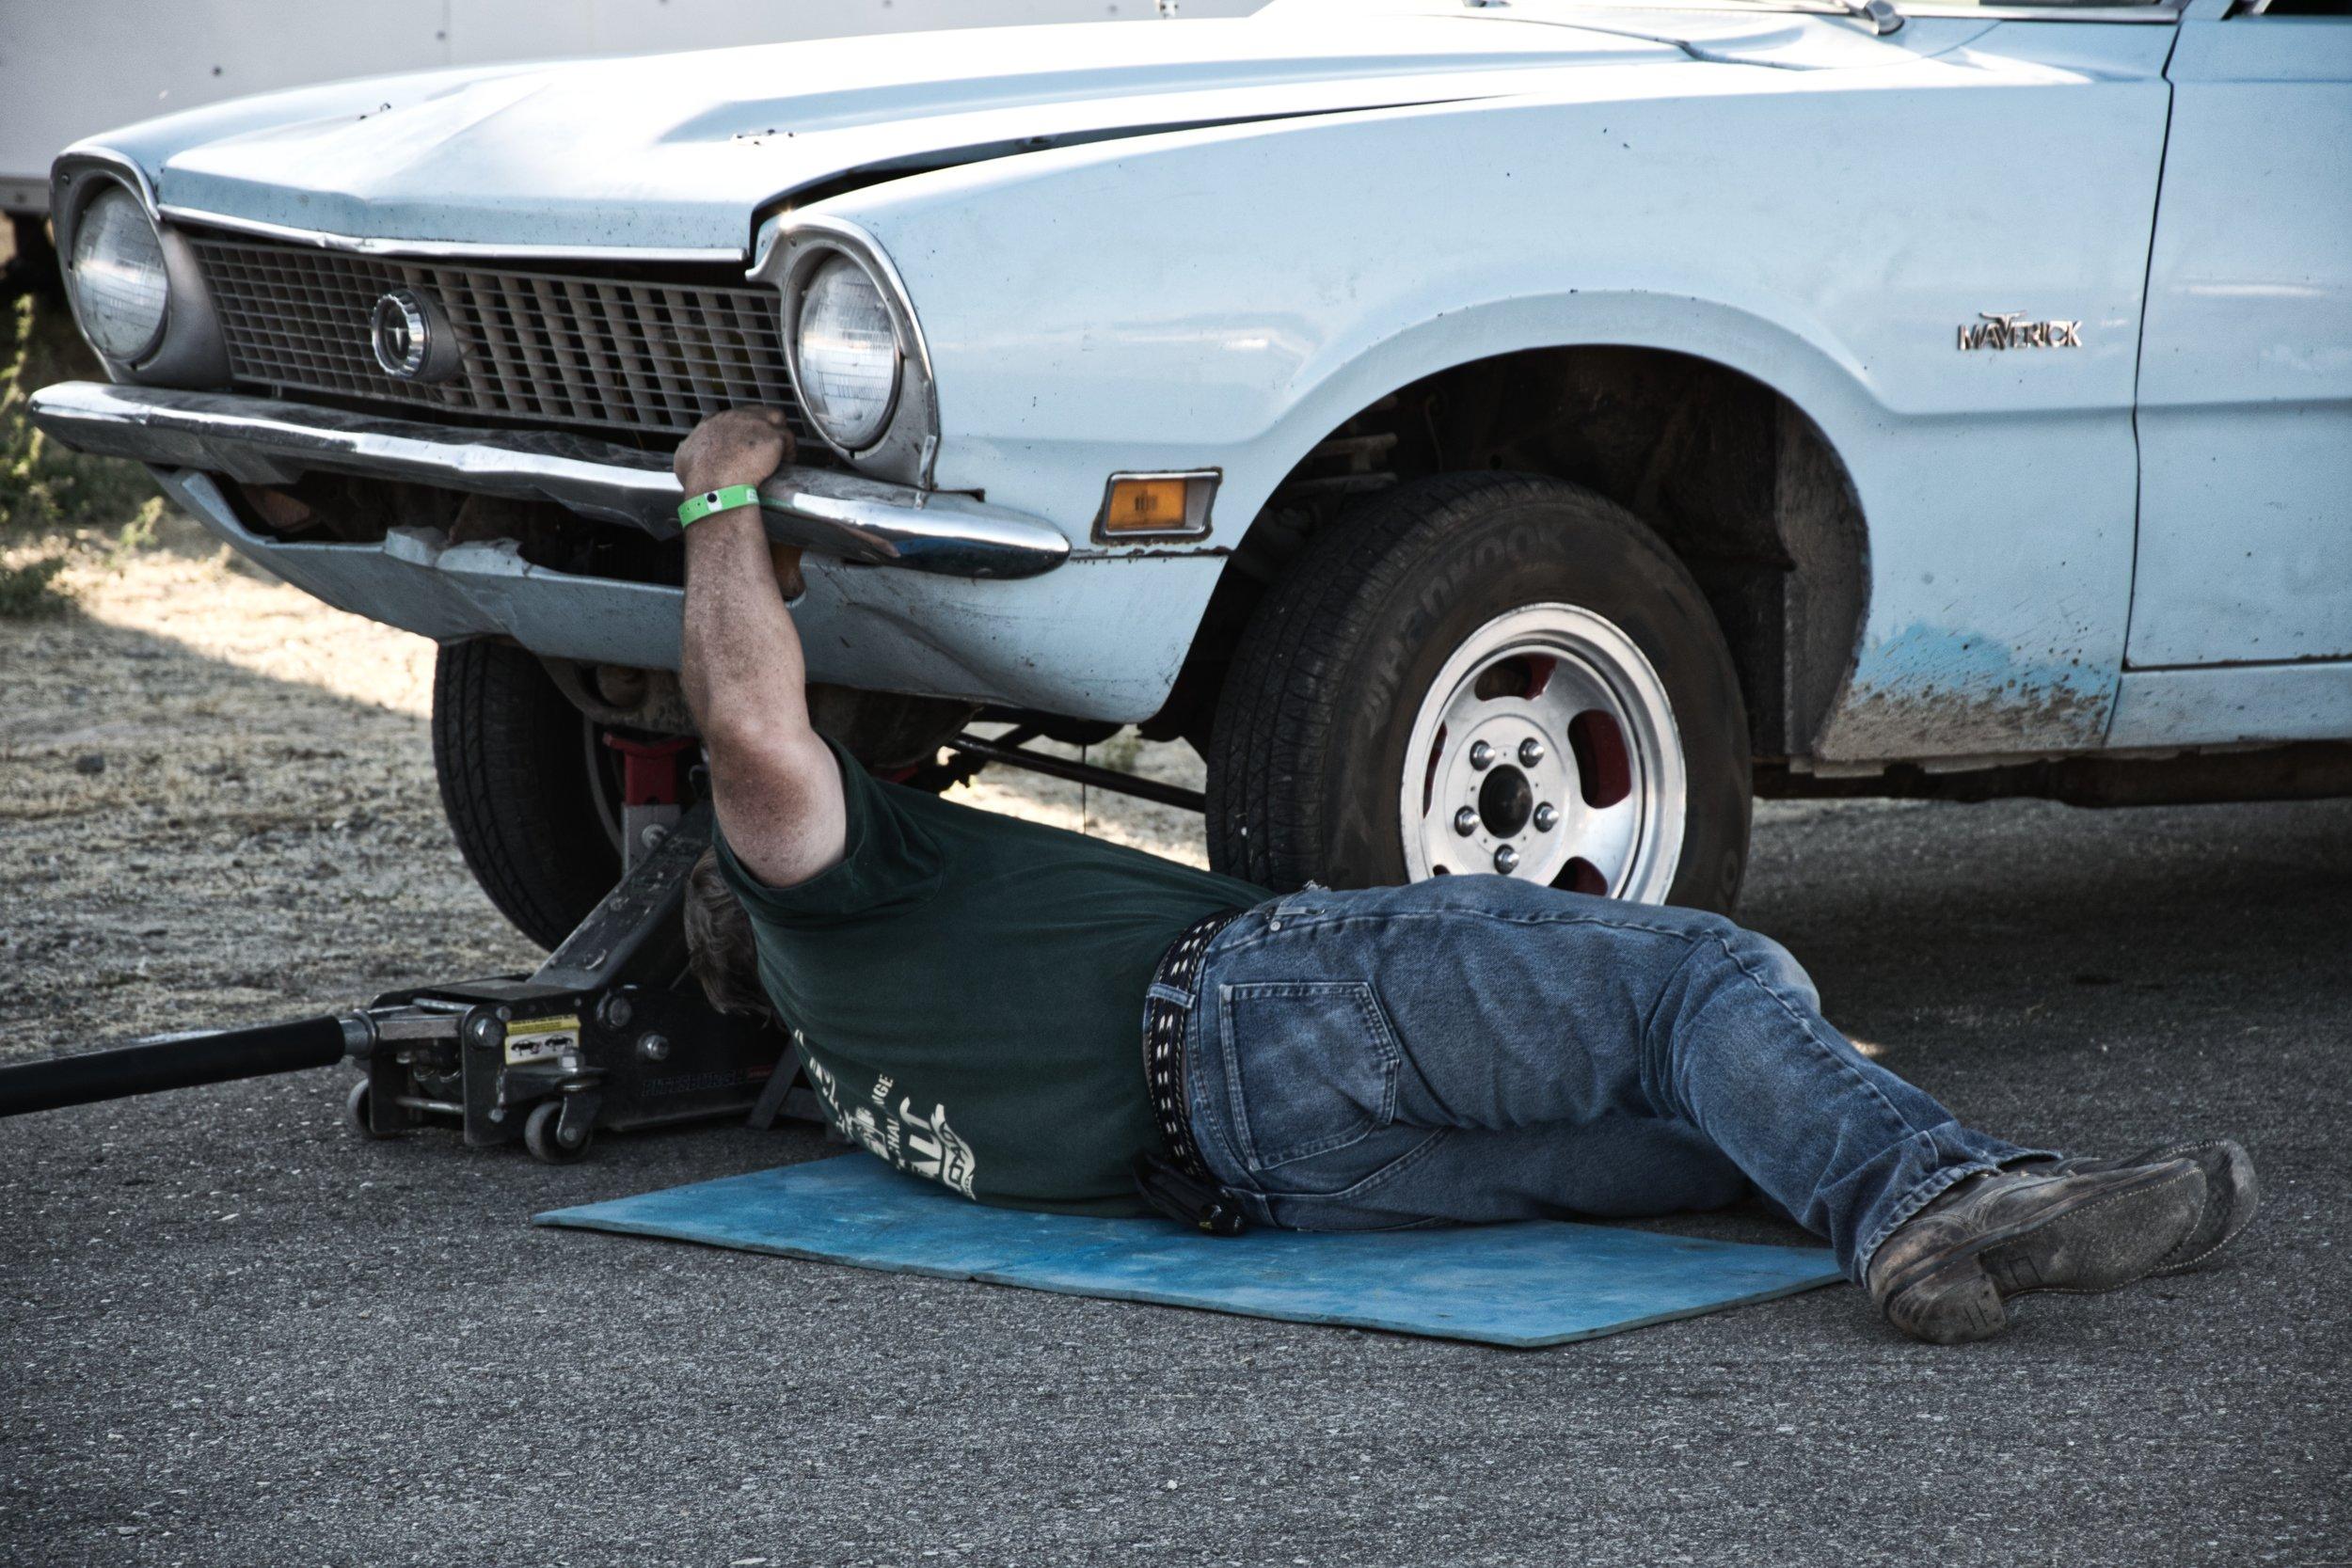 adult-asphalt-automobile-1388278.jpg